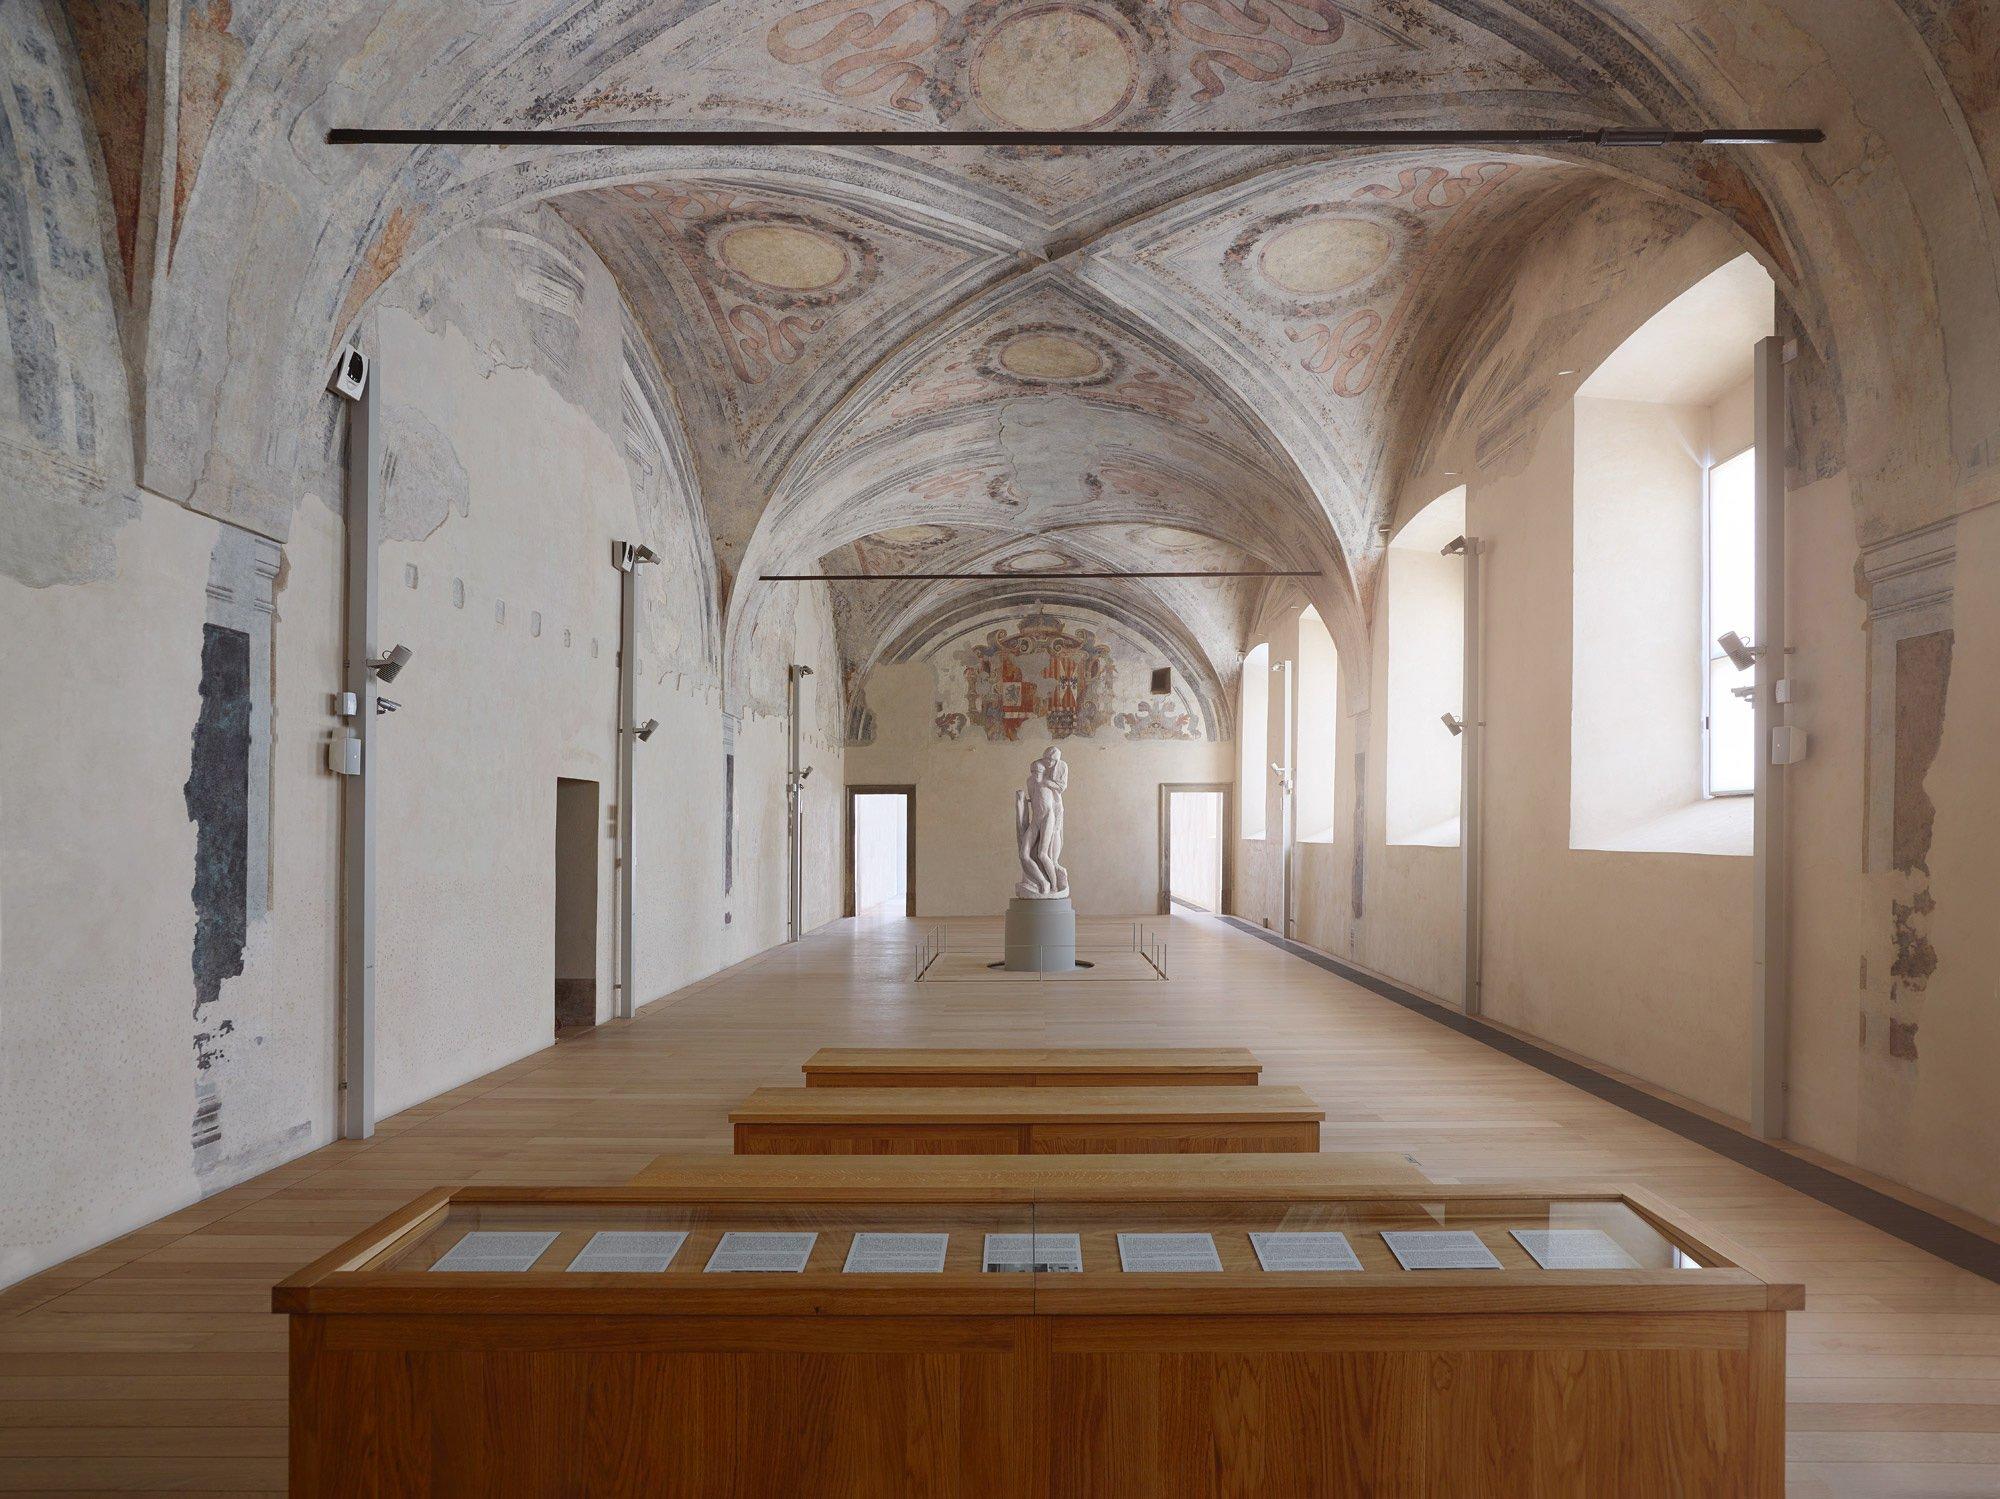 Ausstellungsdesign für die Pietà Rondanini von Michelangelo im Castello Sforzesco in Mailand, 2013-2015. Foto/ Copyright: Tom Vack